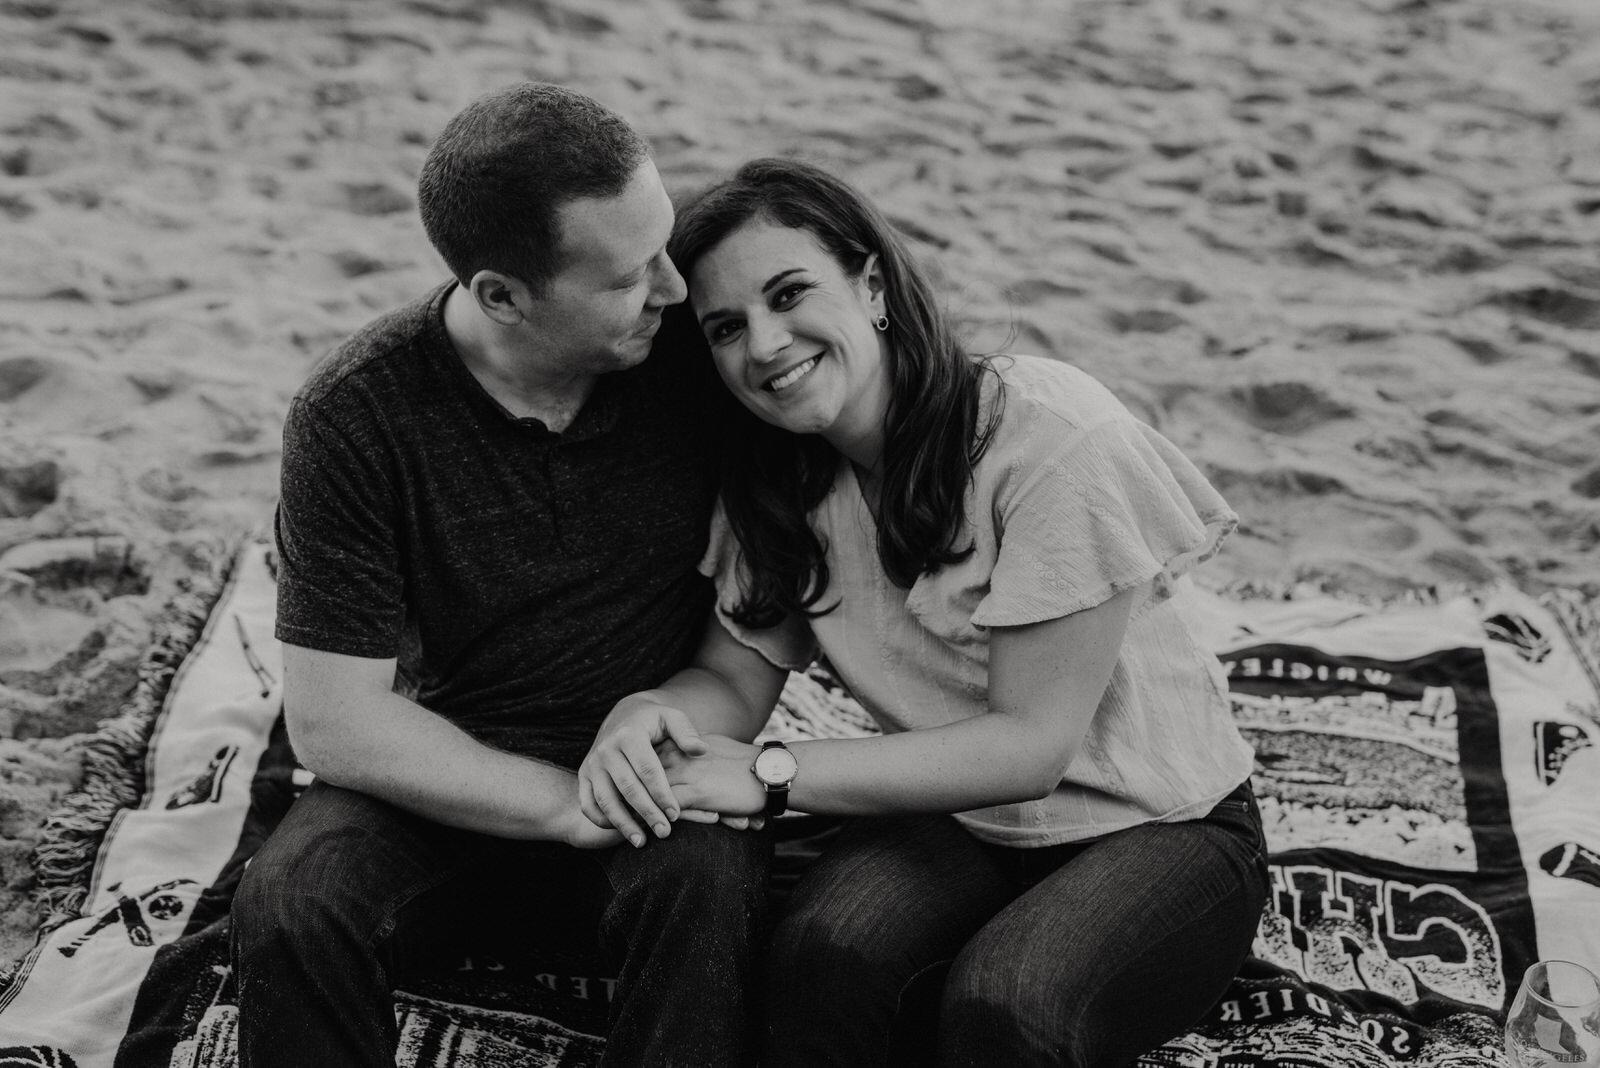 El-Matador-Beach-Engagement (28).jpg